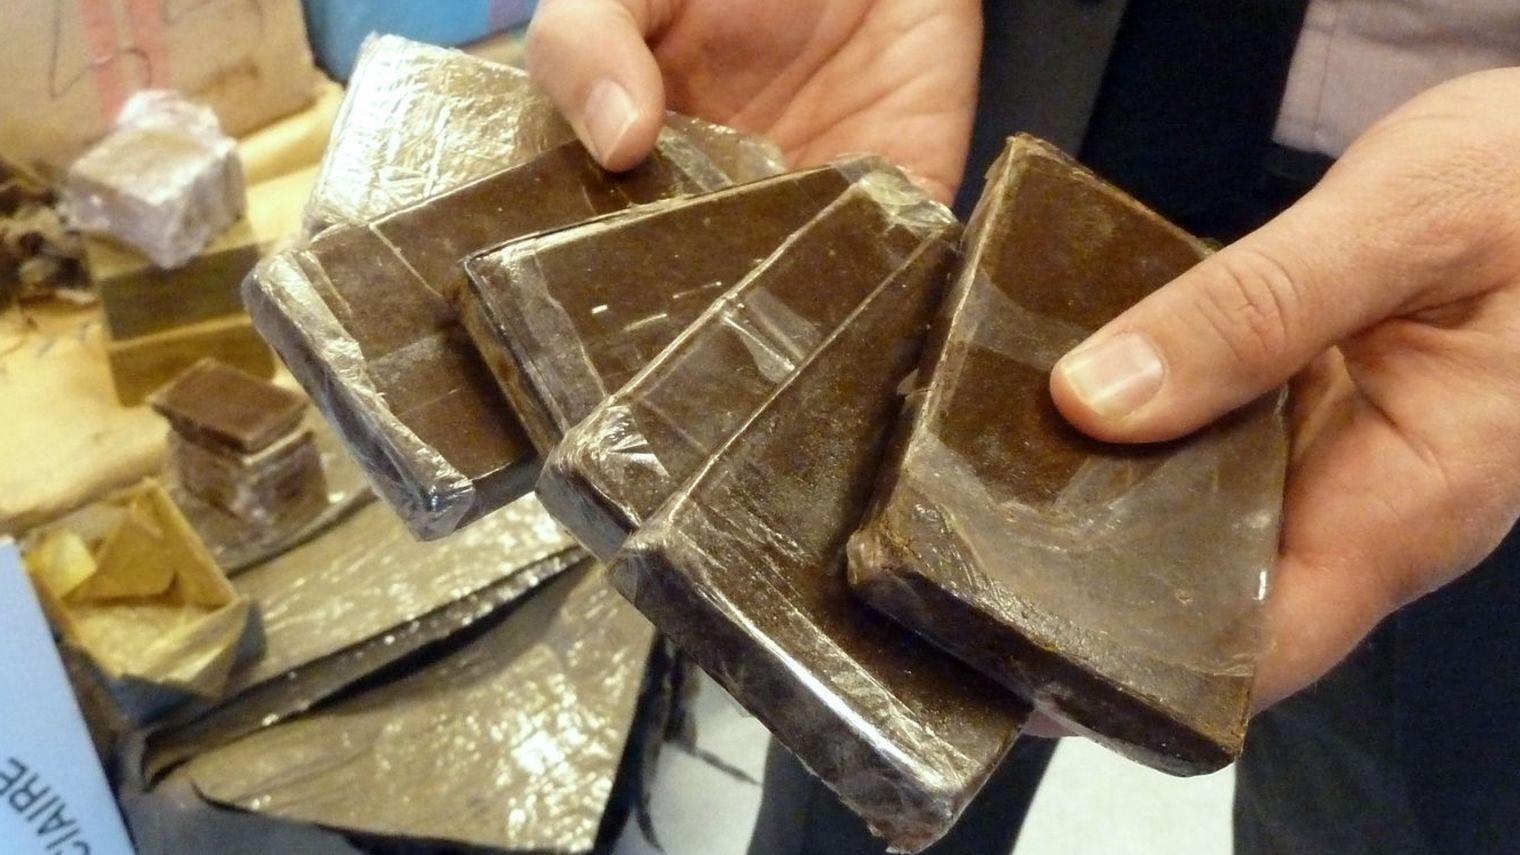 حجز 19 كيلوغرام من مخدر الشيرا بمعبر باب سبتة